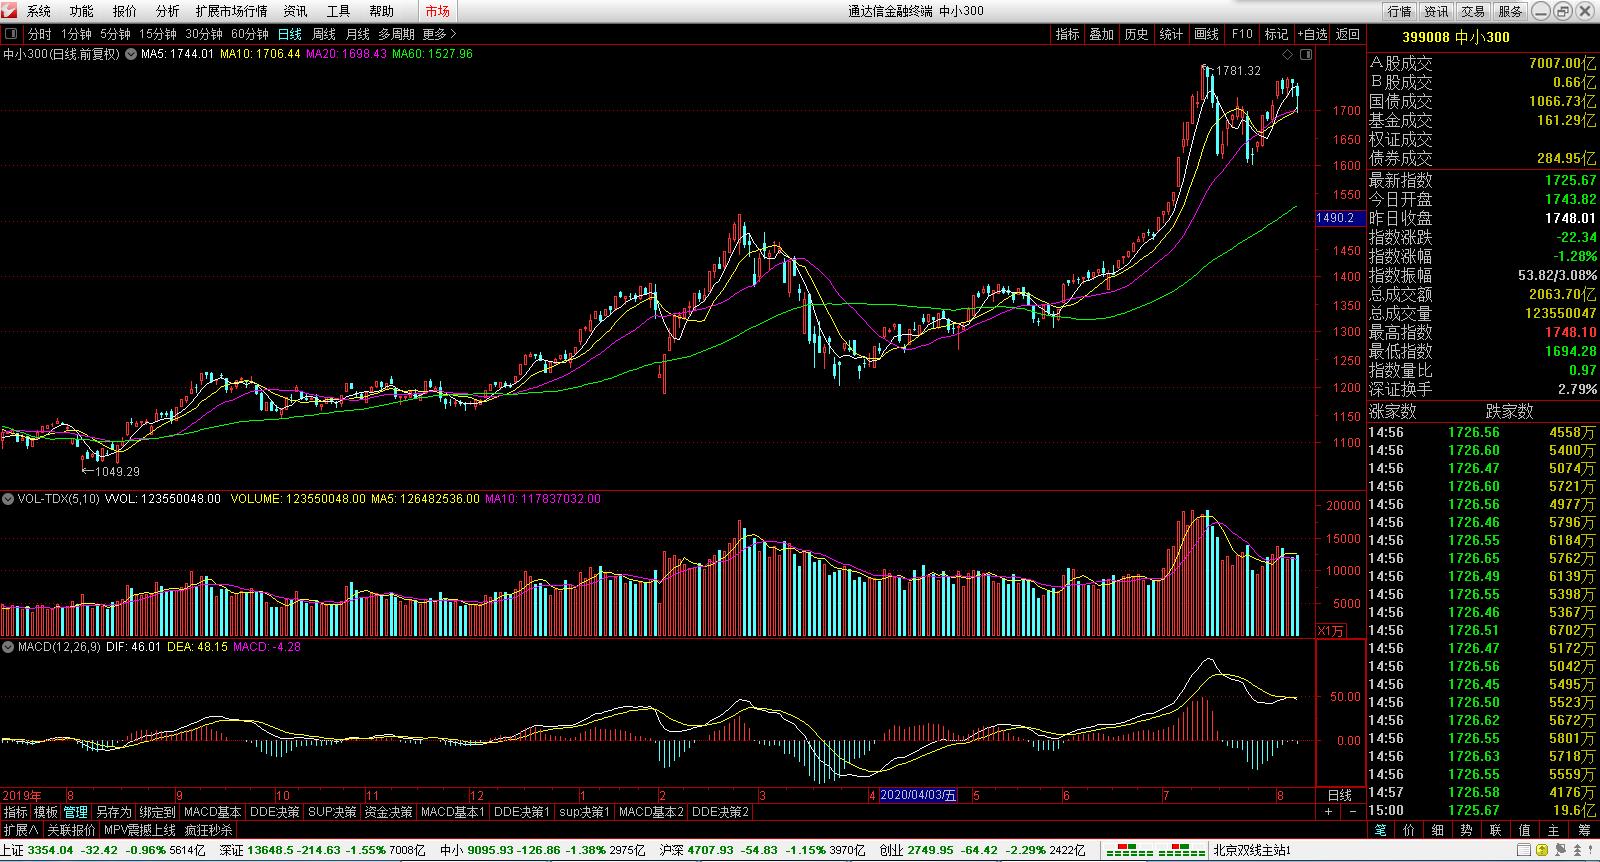 股票开户当天可以交易吗